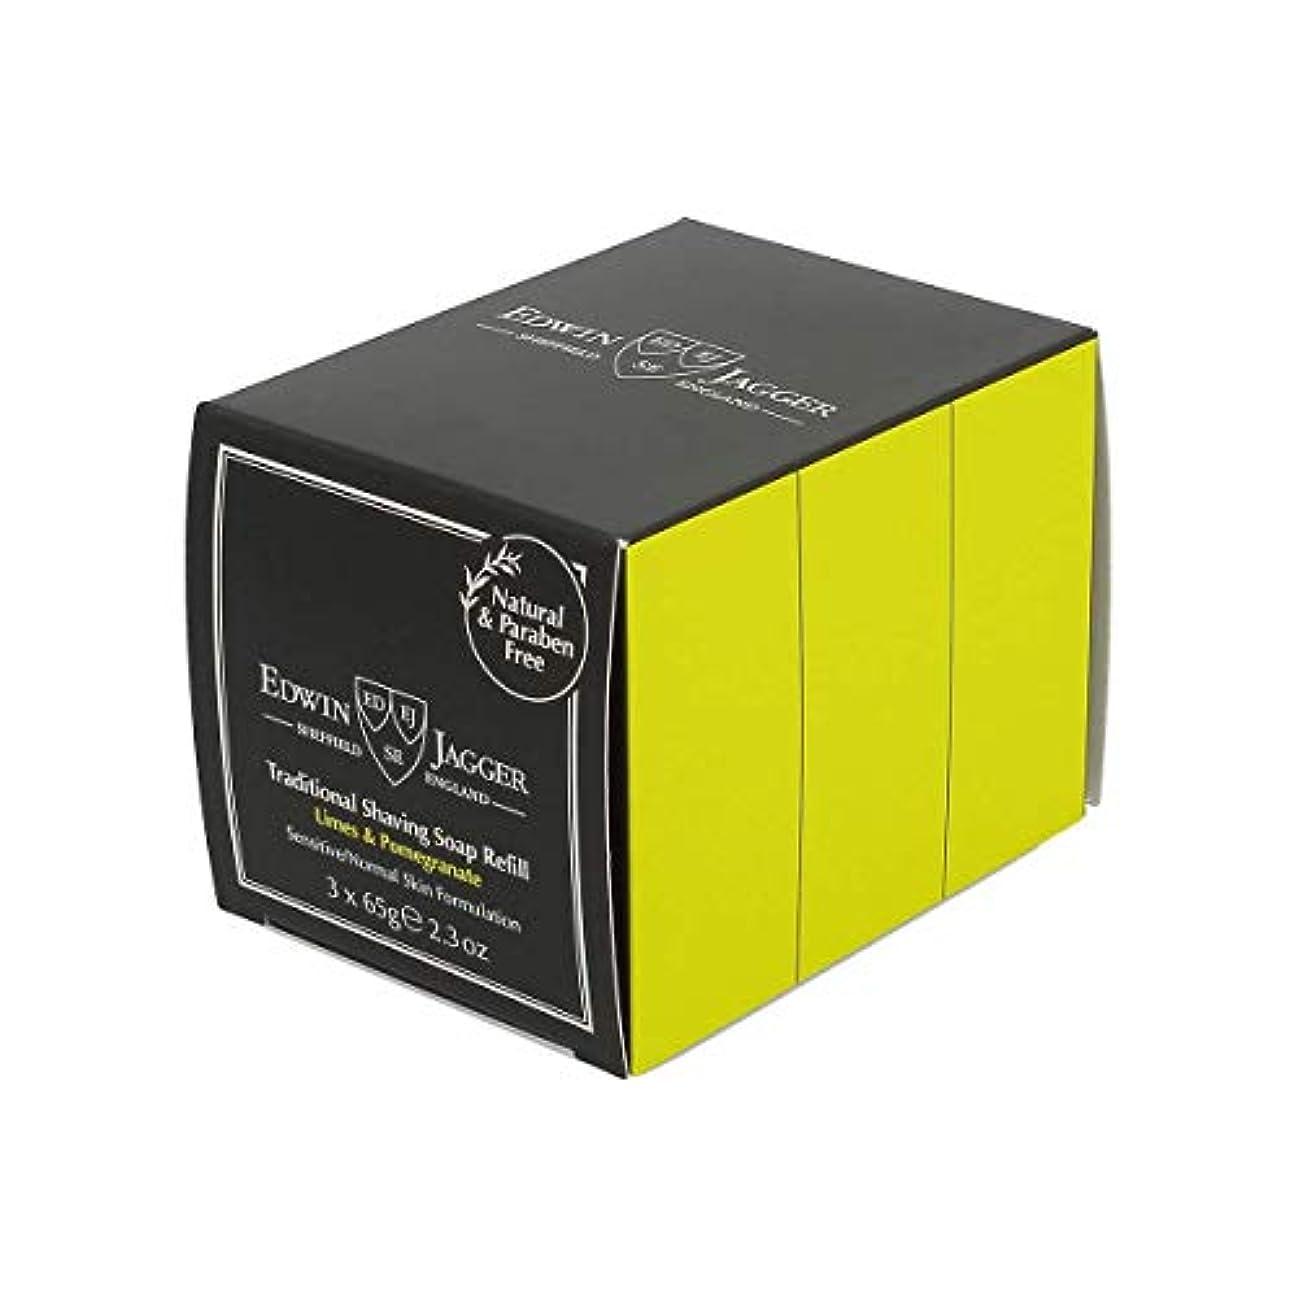 迷信間期待してエドウィンジャガー トラディショナルシェービングソープ ライム&ザクロ65g 3パック[海外直送品]Edwin Jagger Traditional Shaving Soap Limes and Pomegranate...